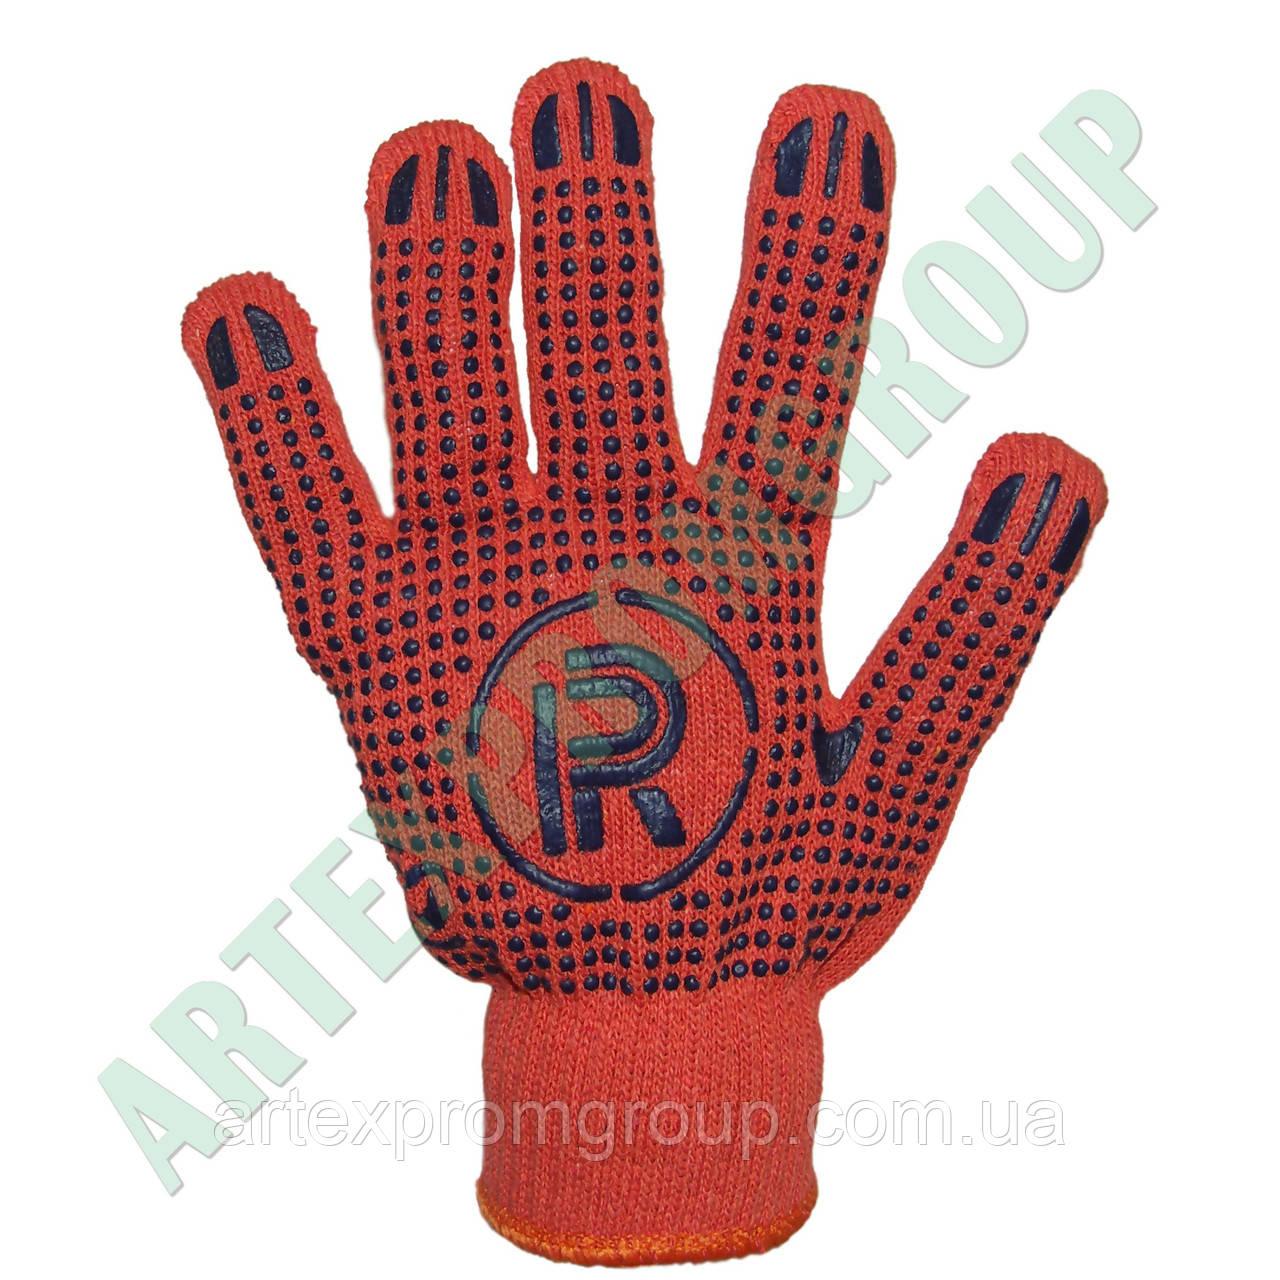 Перчатки трикотажные с точкой ПВХ оранжевые (Украина)